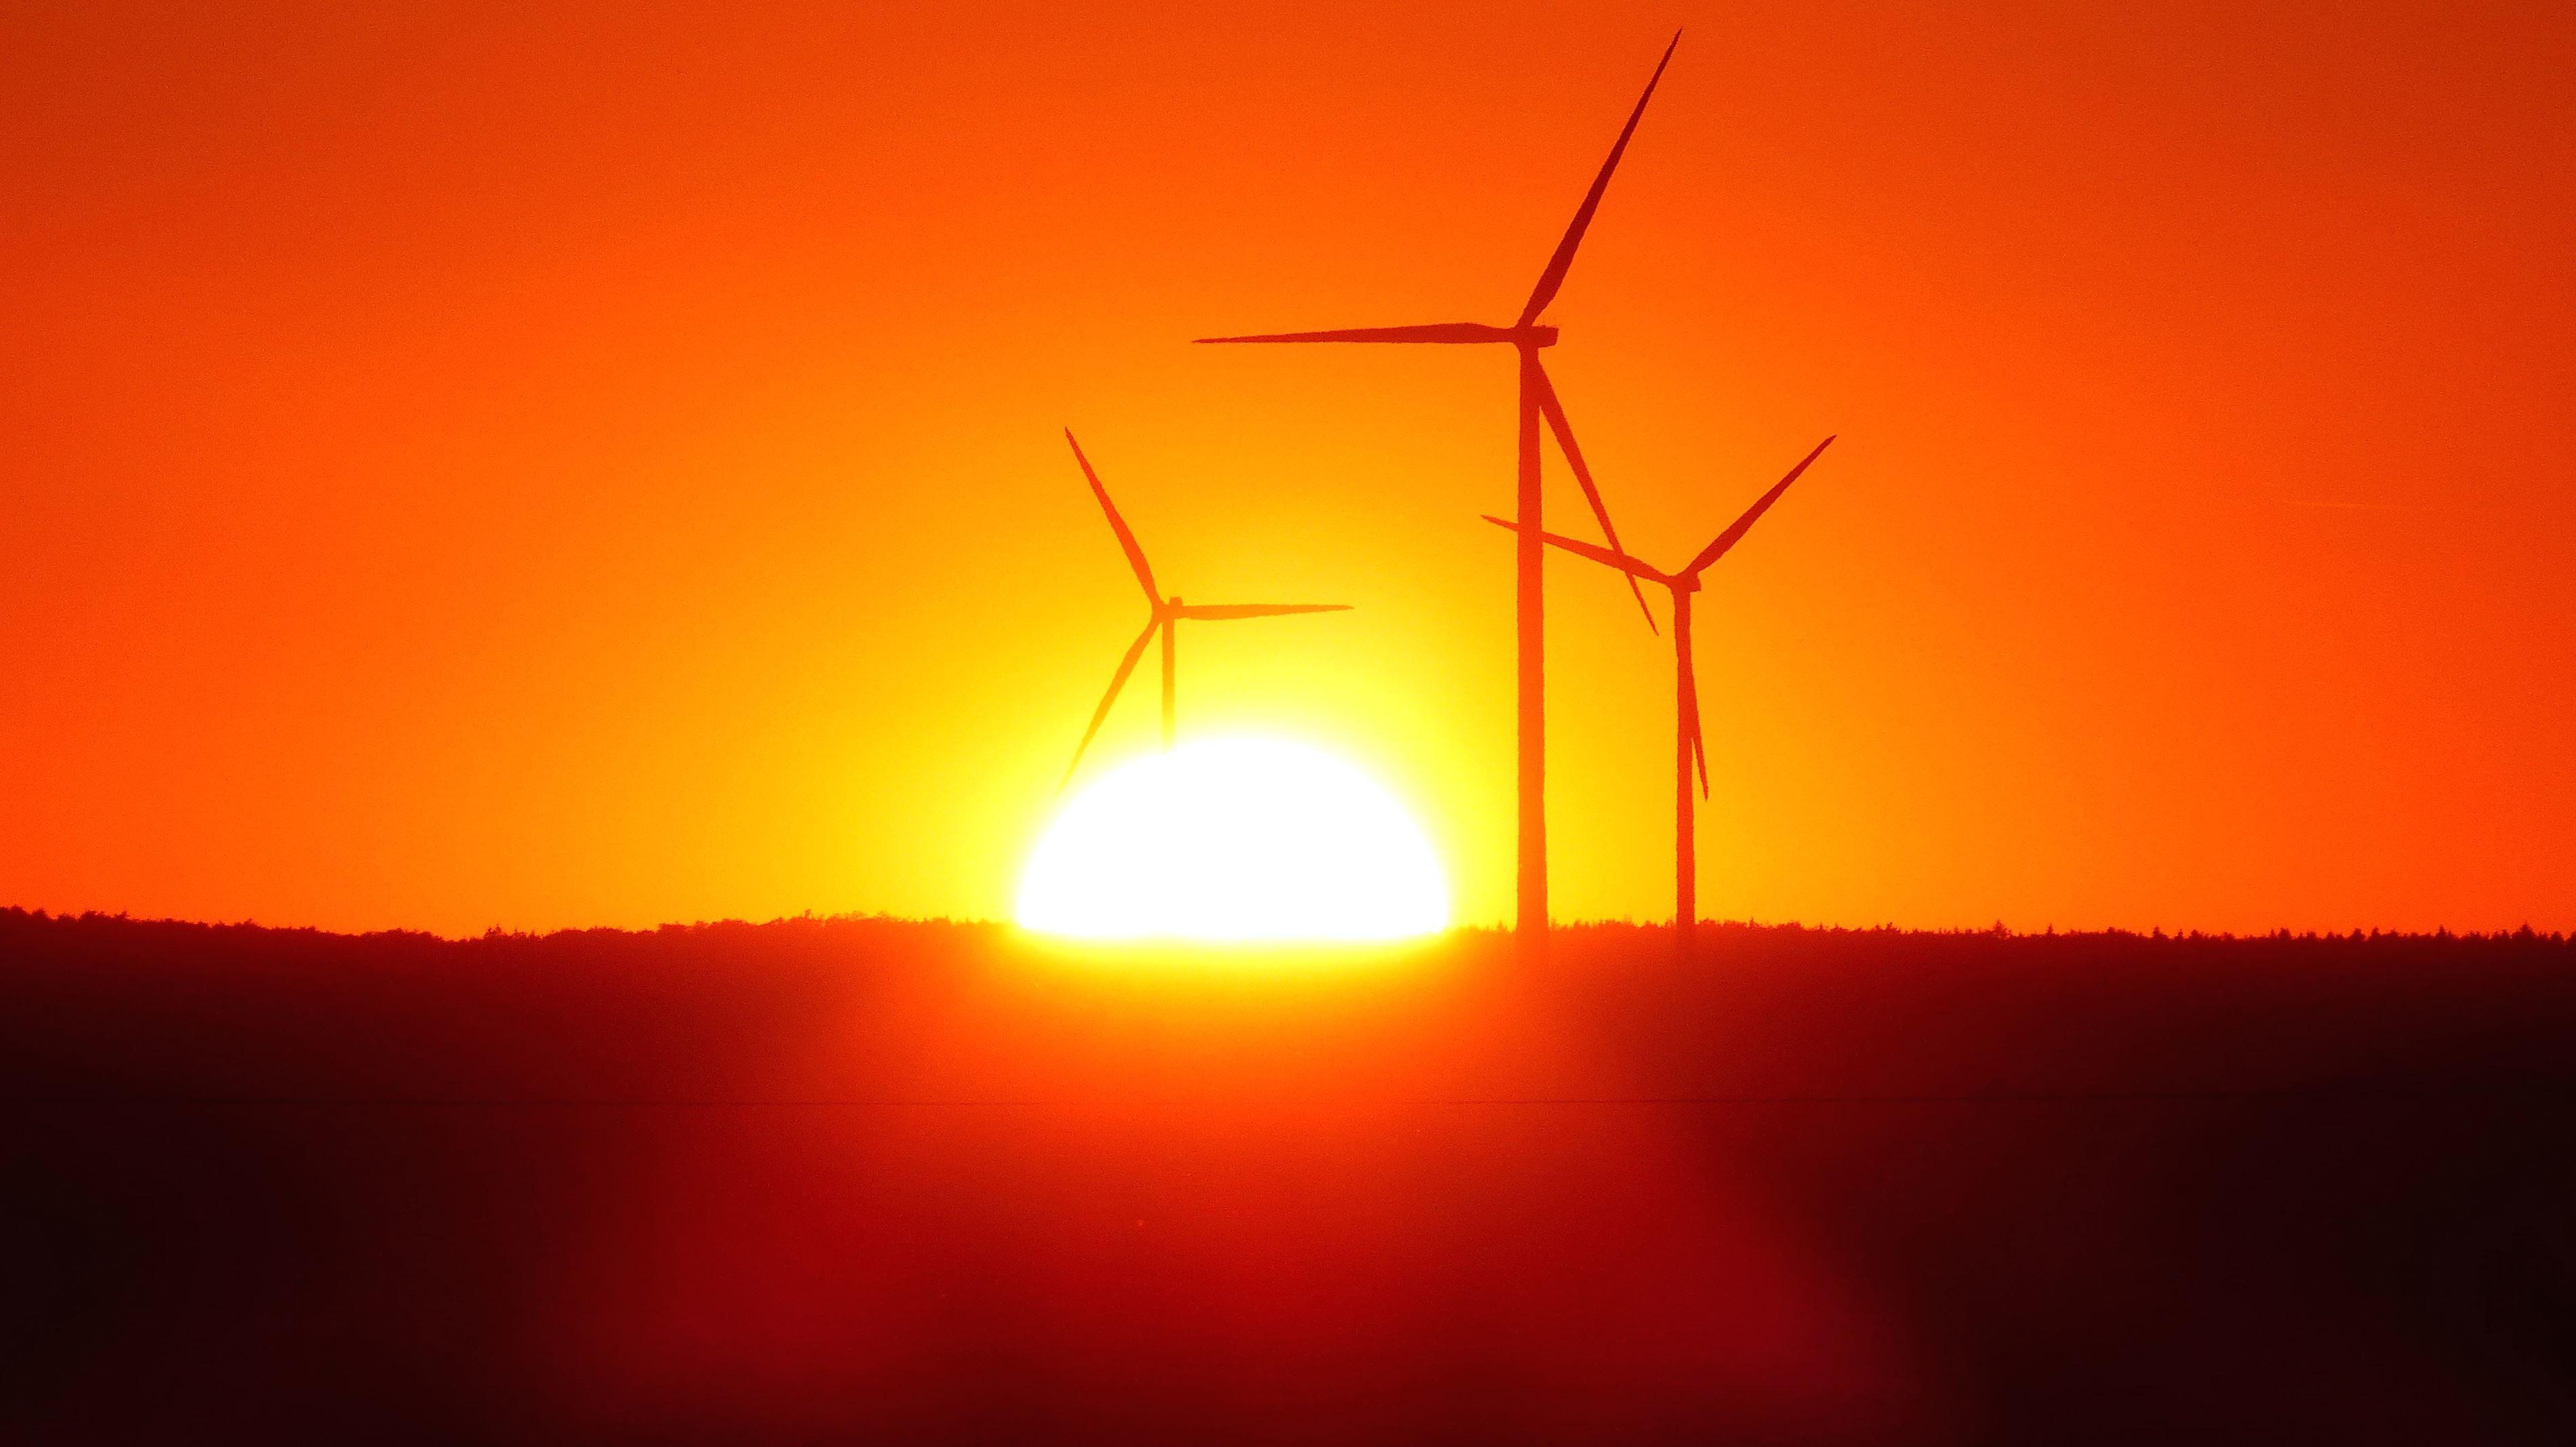 Free Picture Sky Sun Wind Turbines Windmills